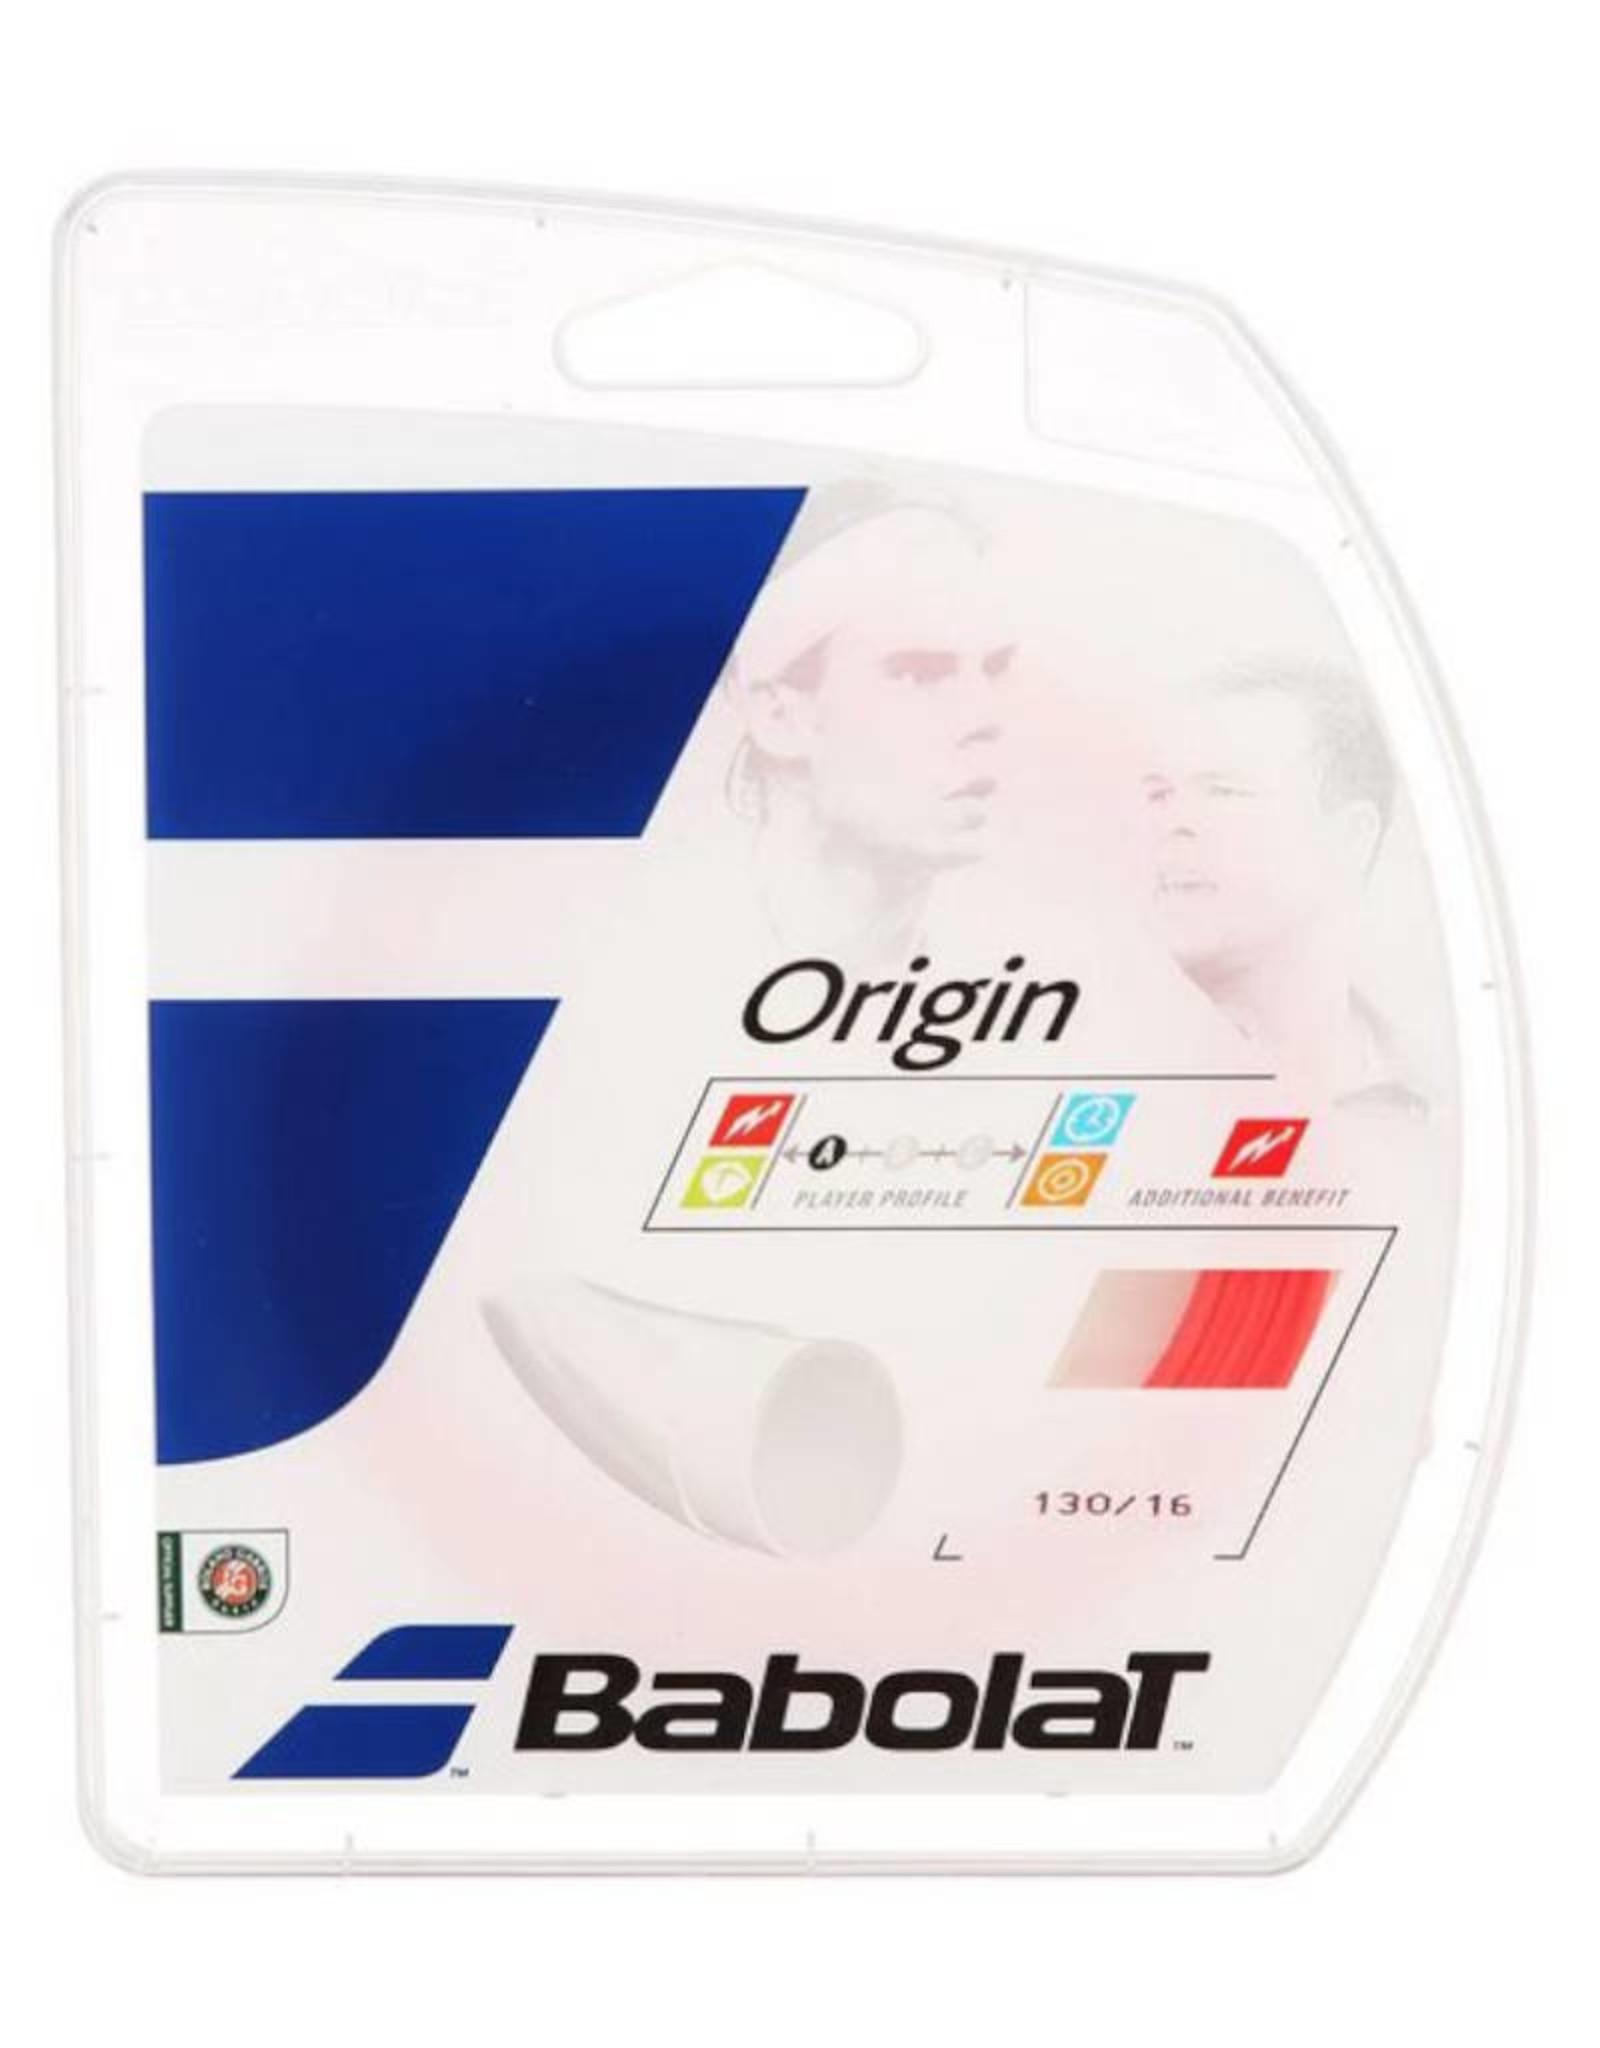 BABOLAT ORIGIN 16 FULL SET